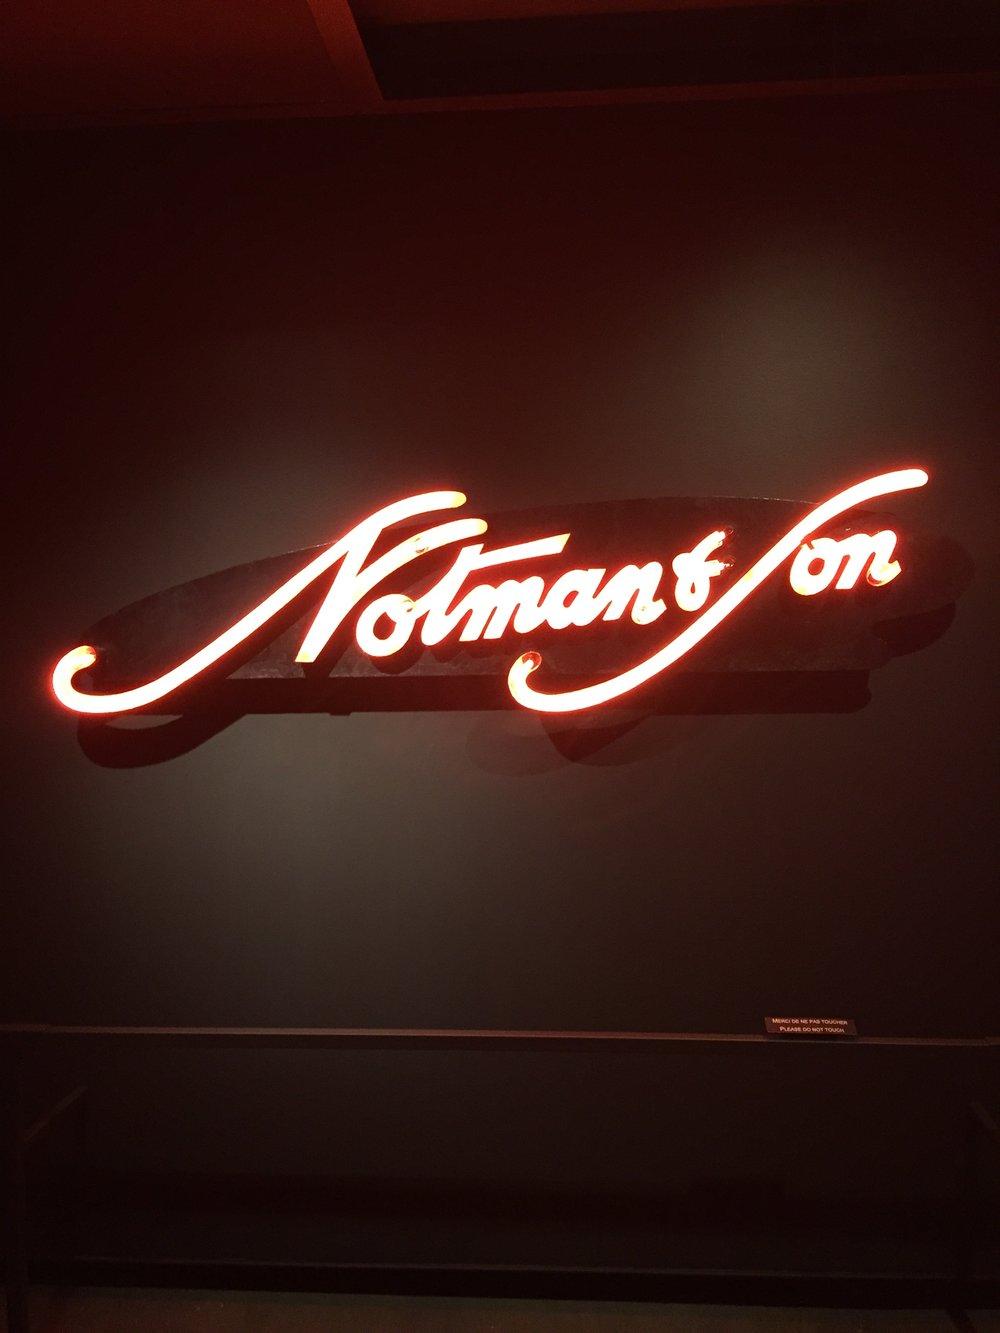 Notman & Son neon